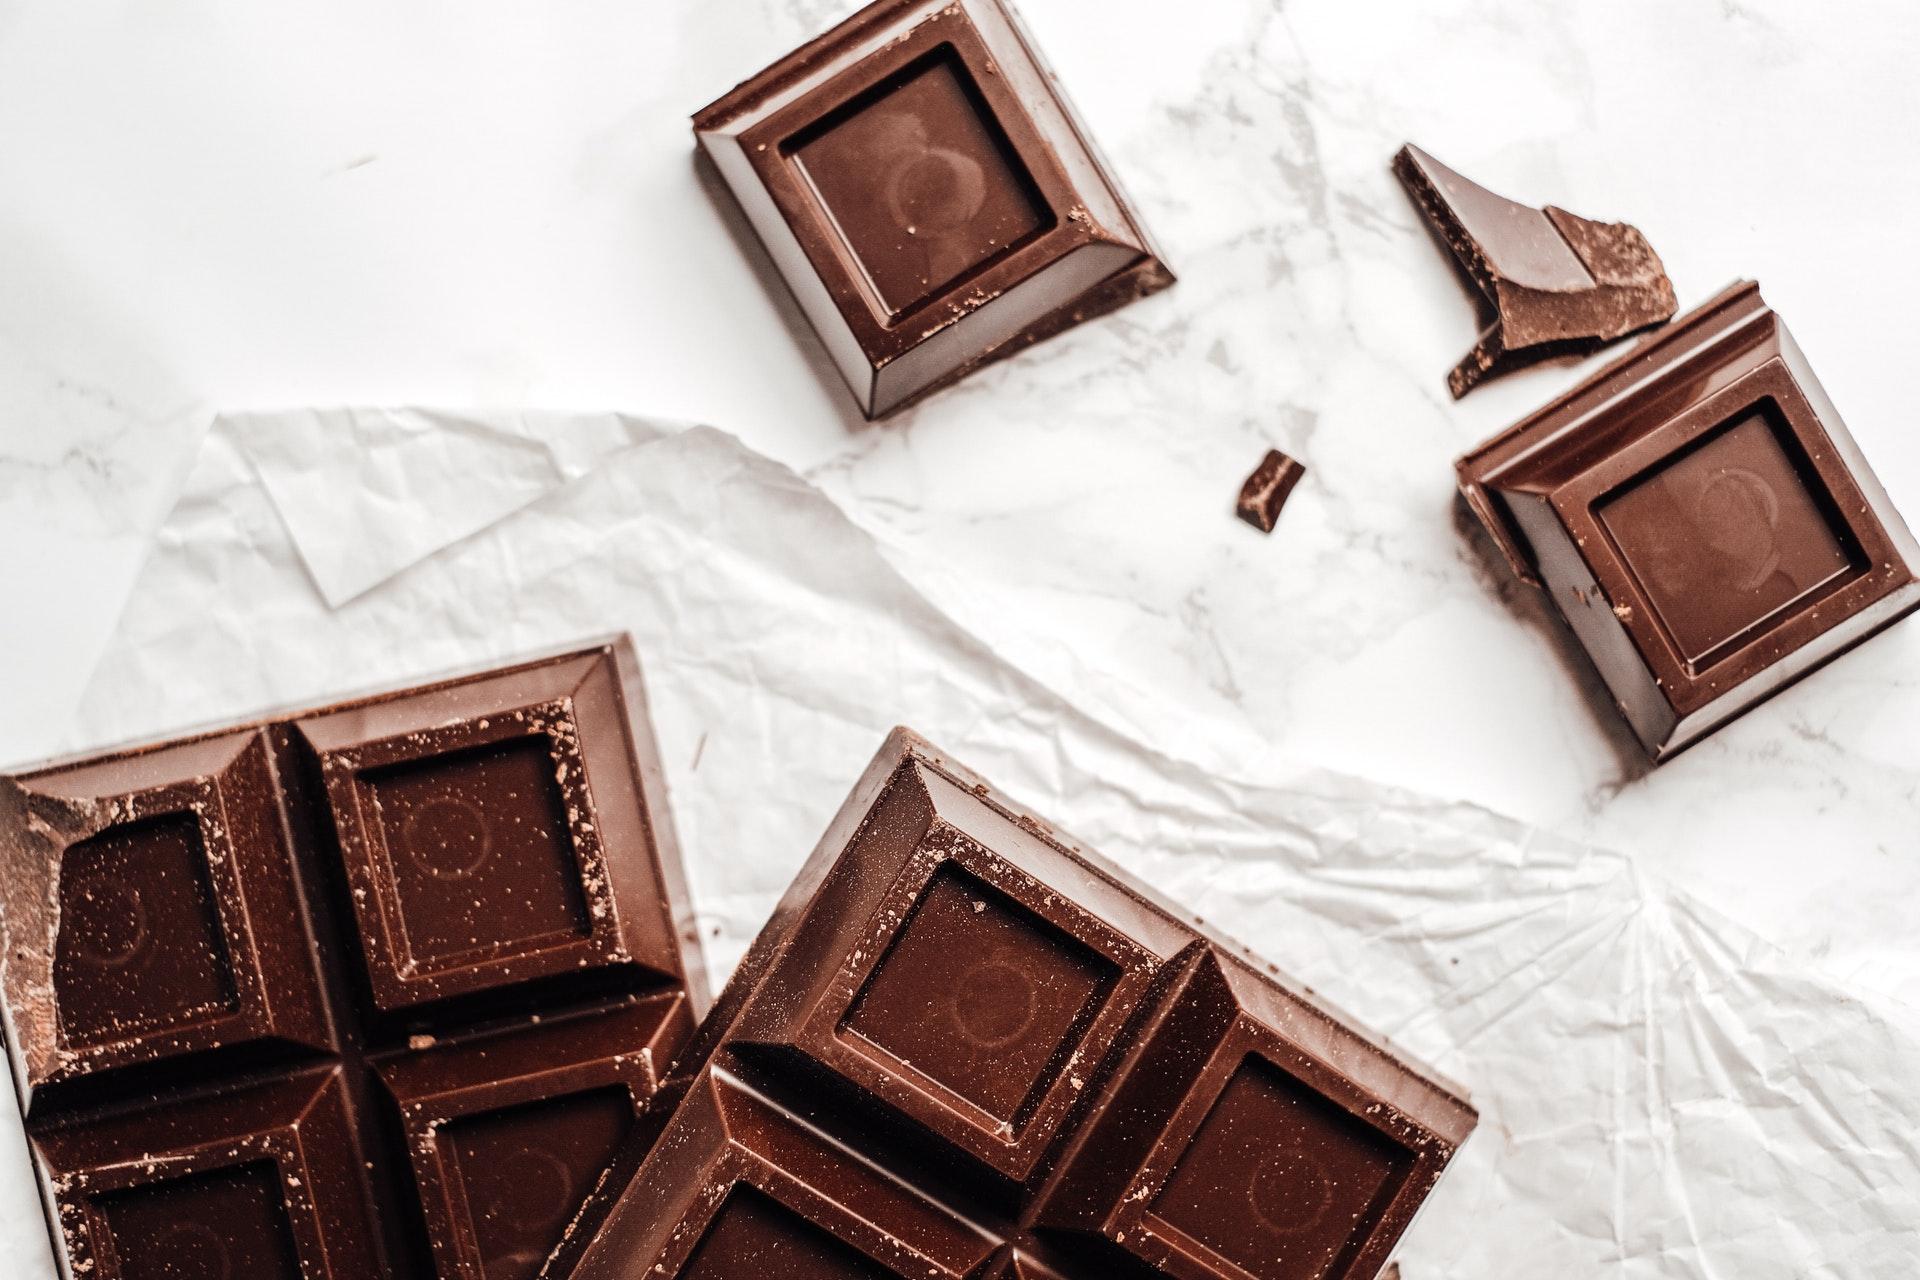 Imagem de pedaços de chocolate. Imagem ilustrativa texto franquia Kopenhagen.